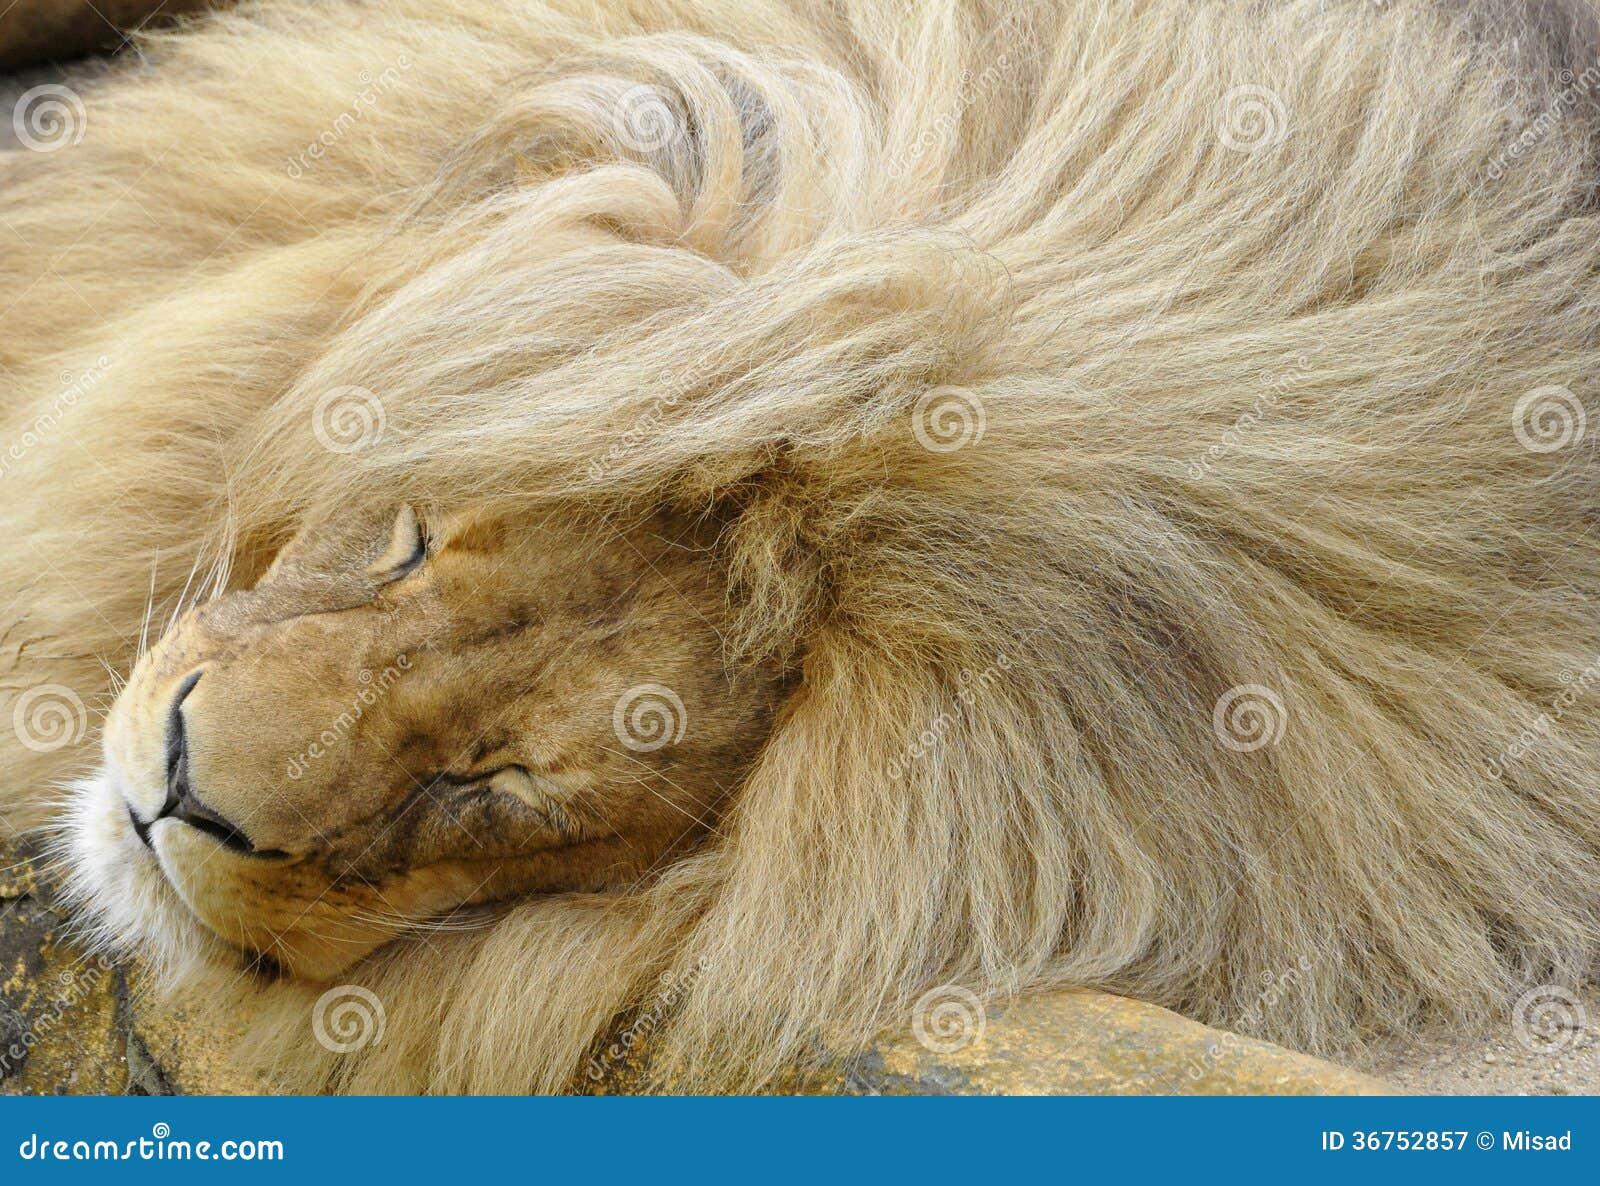 Katanga lion with a big mane is sleeping Katanga Lion